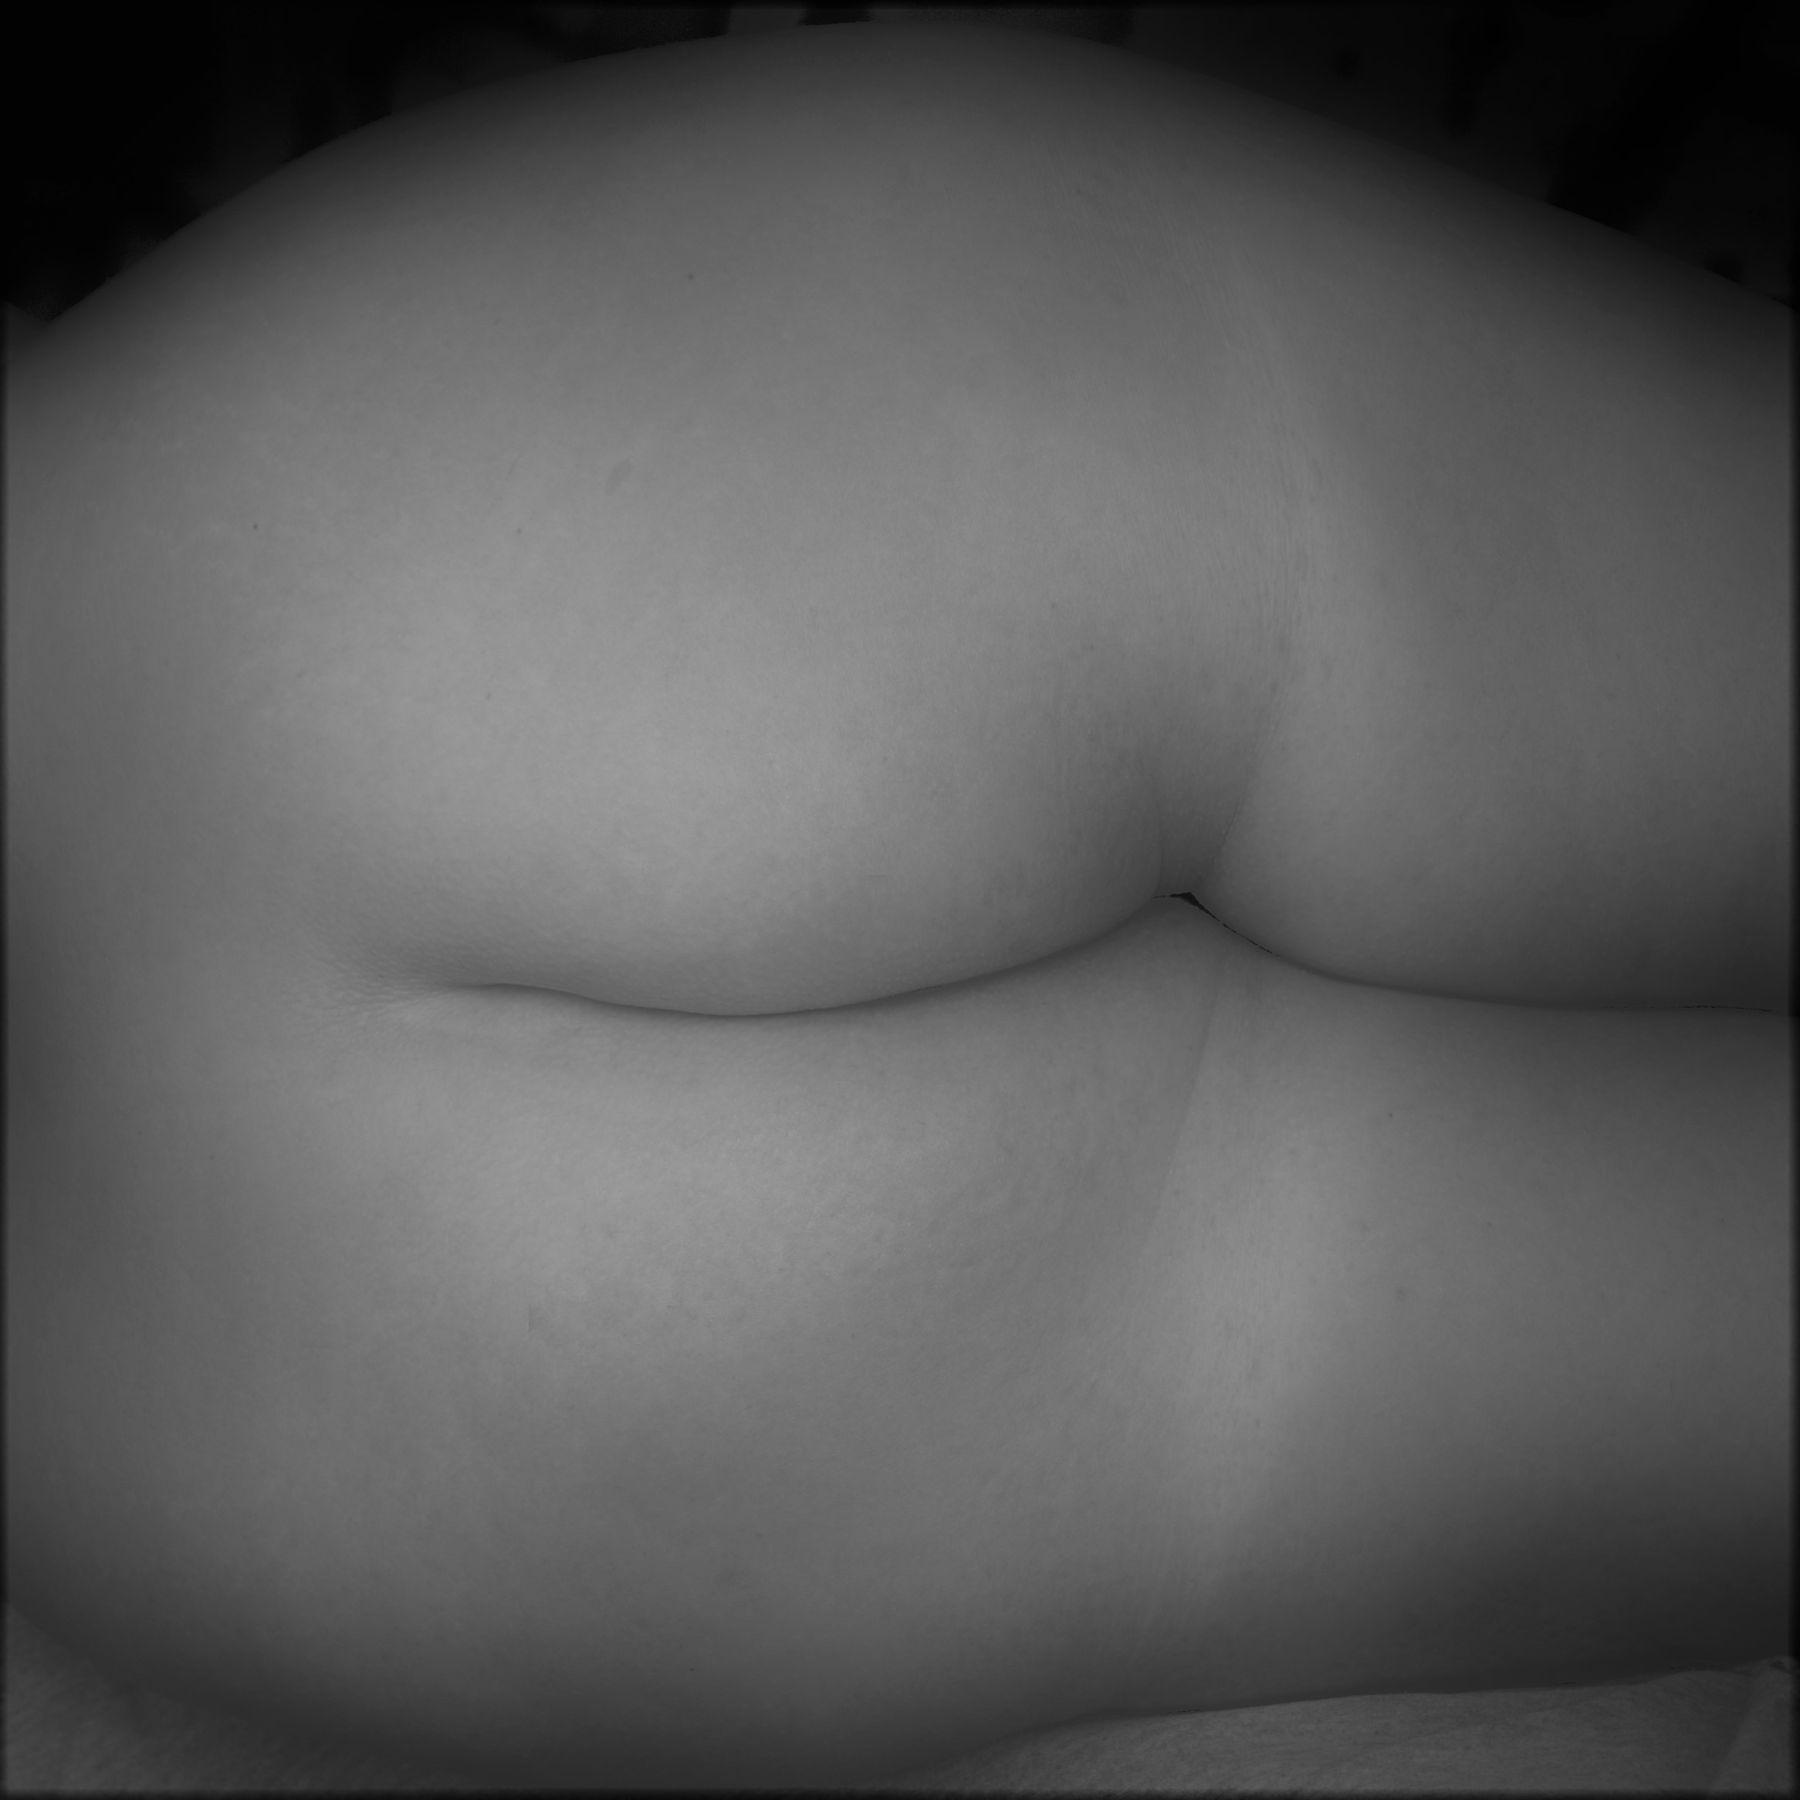 ***... женственность тела обнаженная женщина фигура больших размеров модель